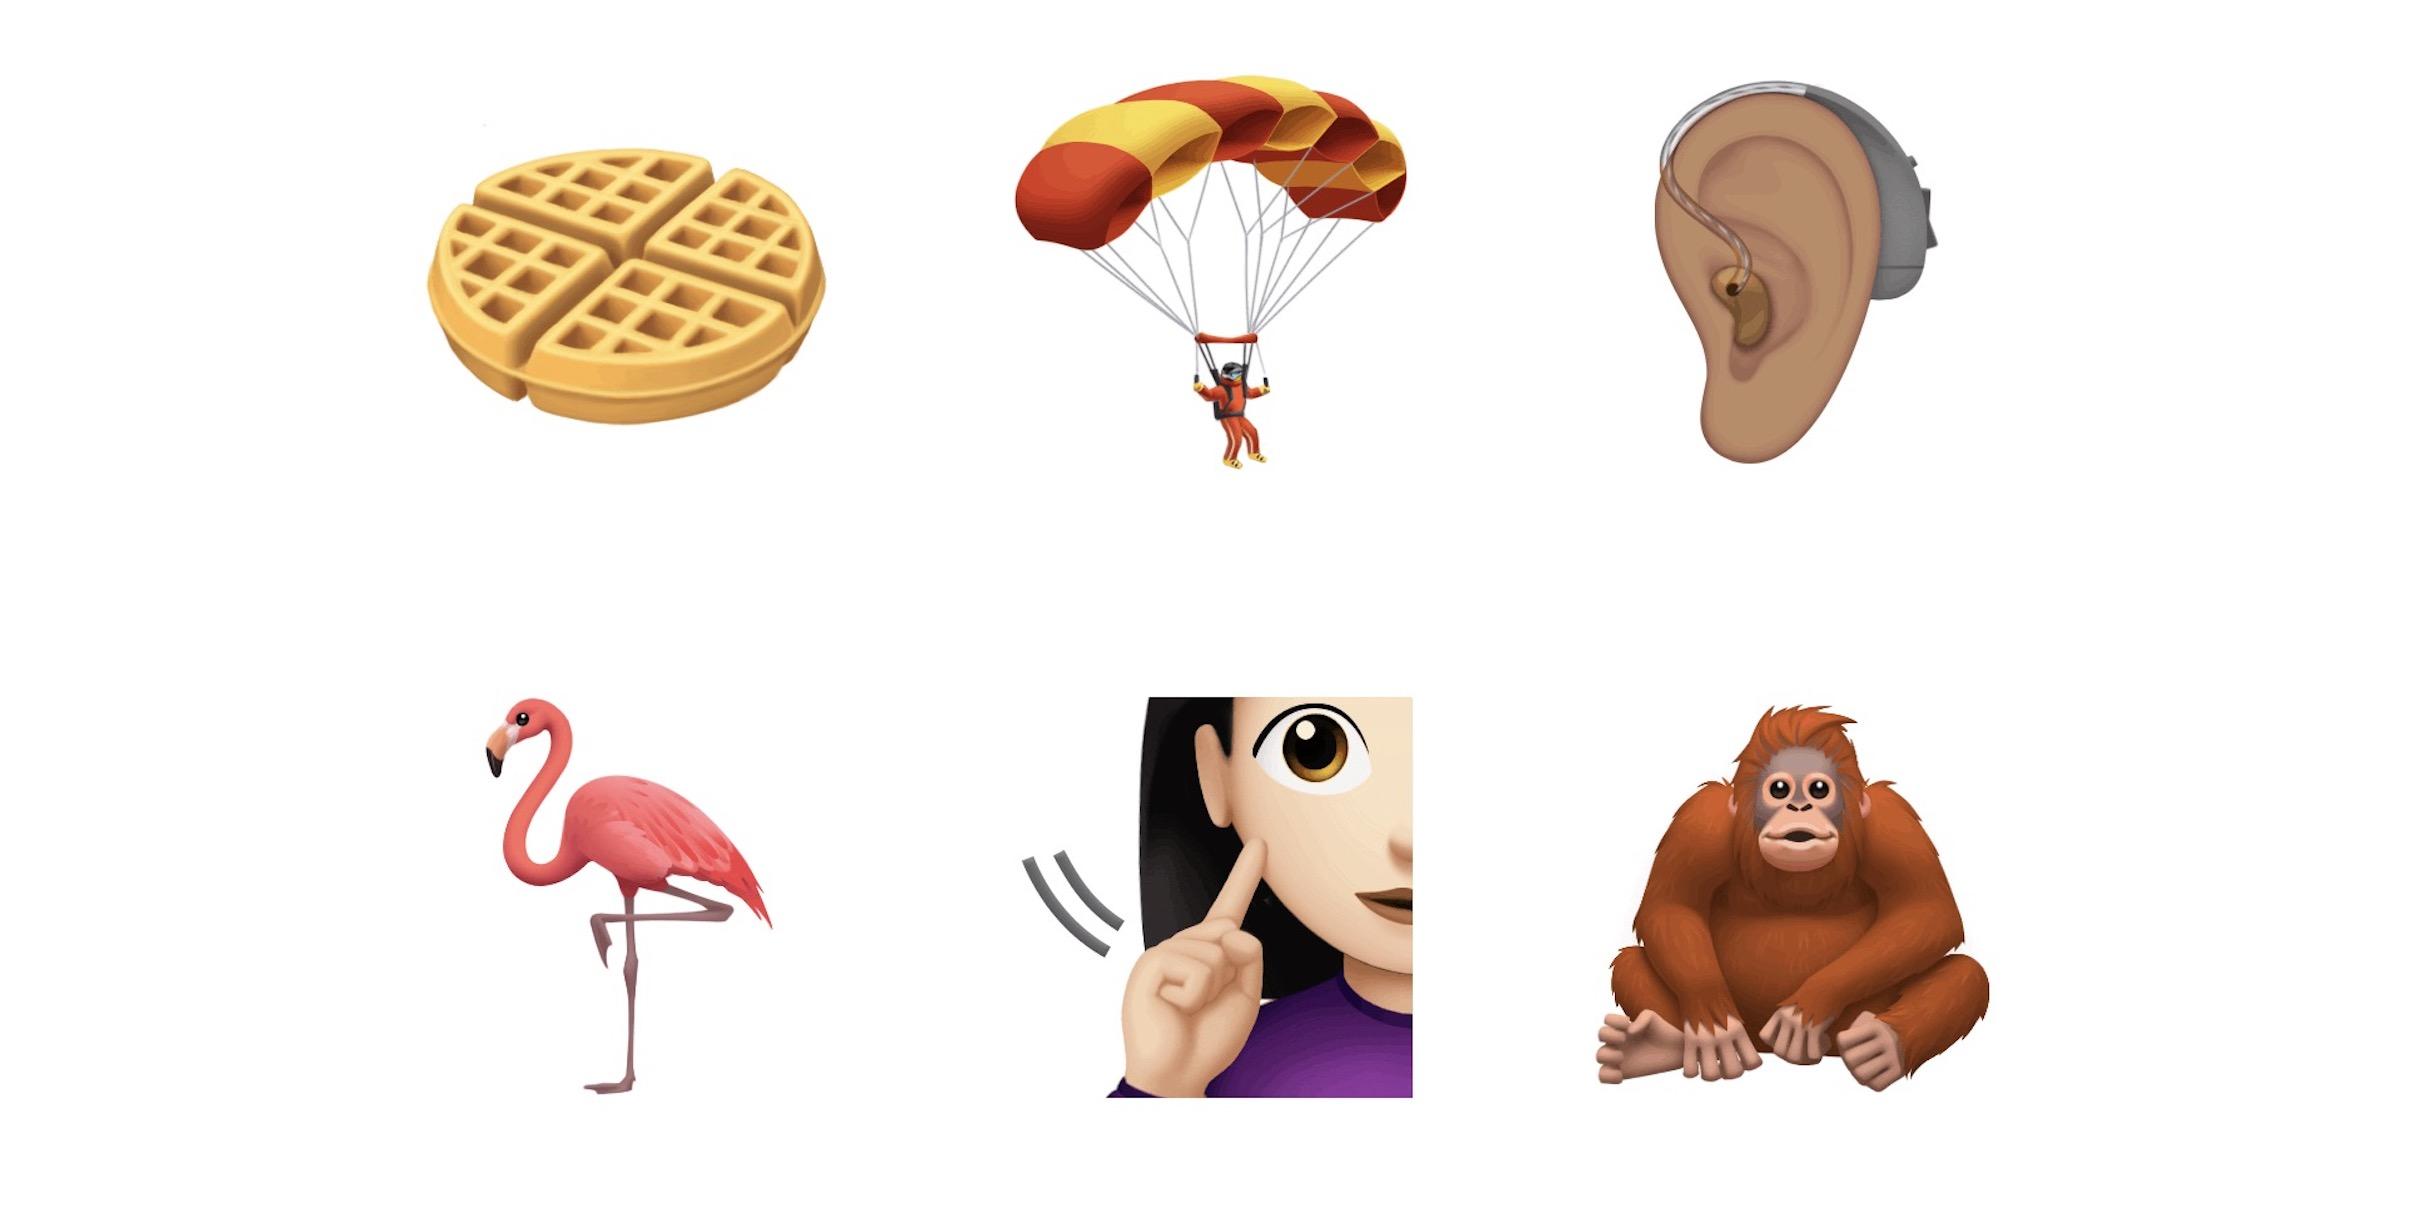 new iOS emoji